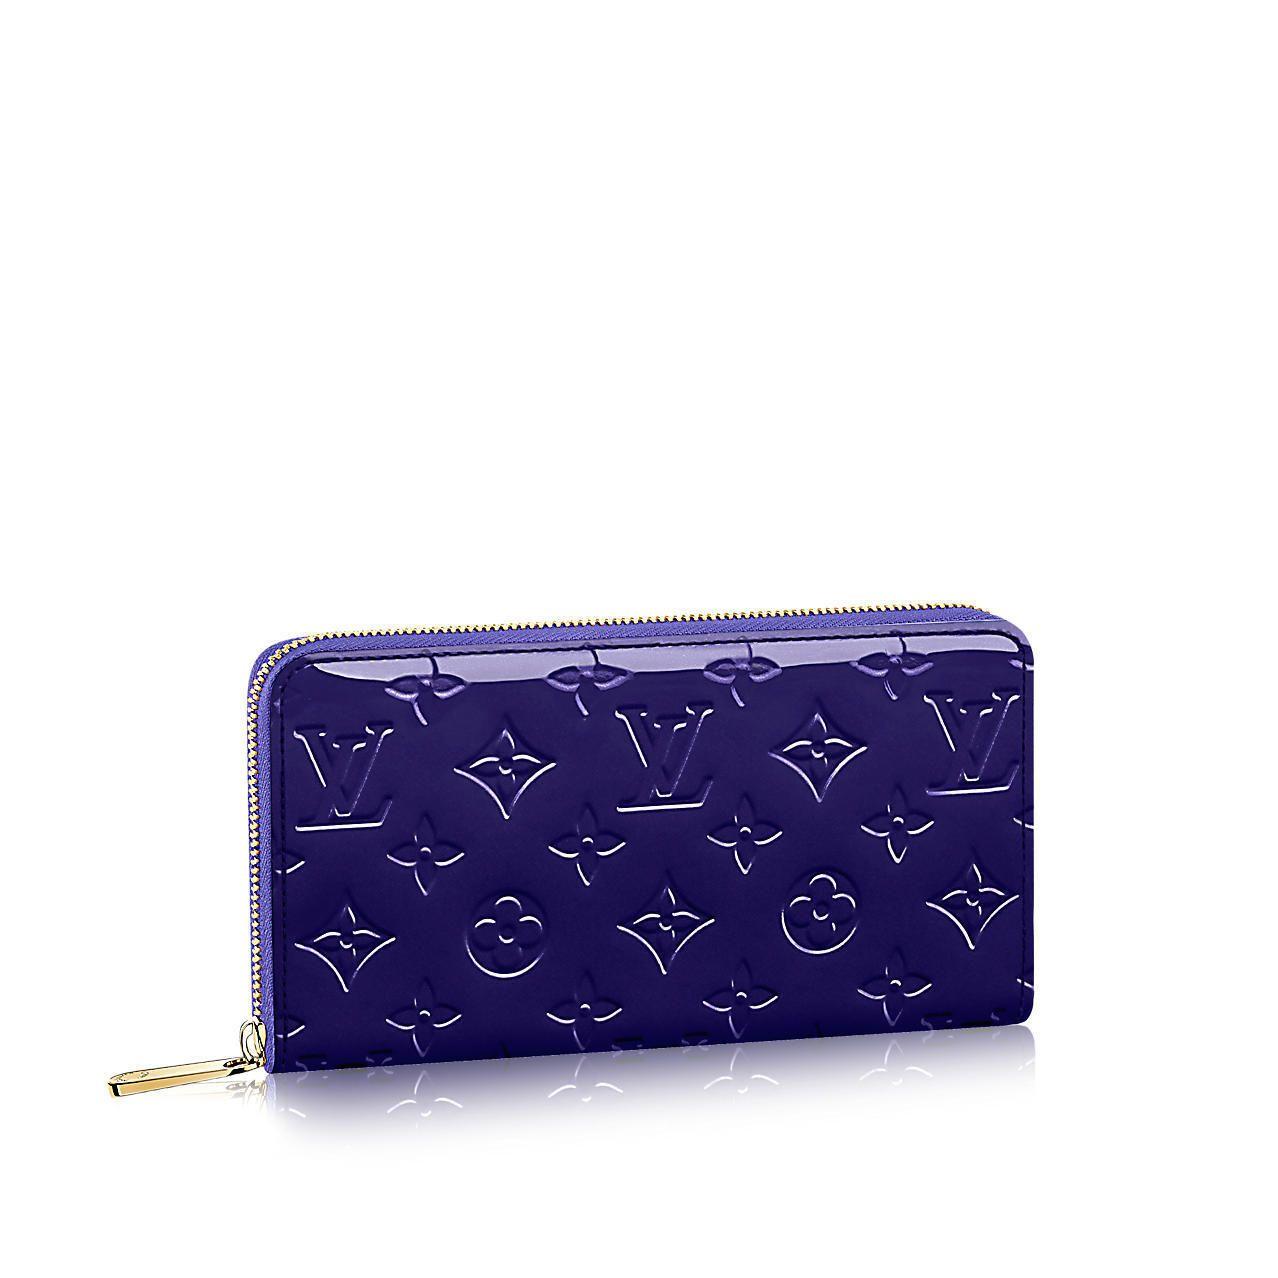 half off 97391 e2e4c Louis Vuitton ZIPPY WALLET Monogram Leather Long Wallets ...